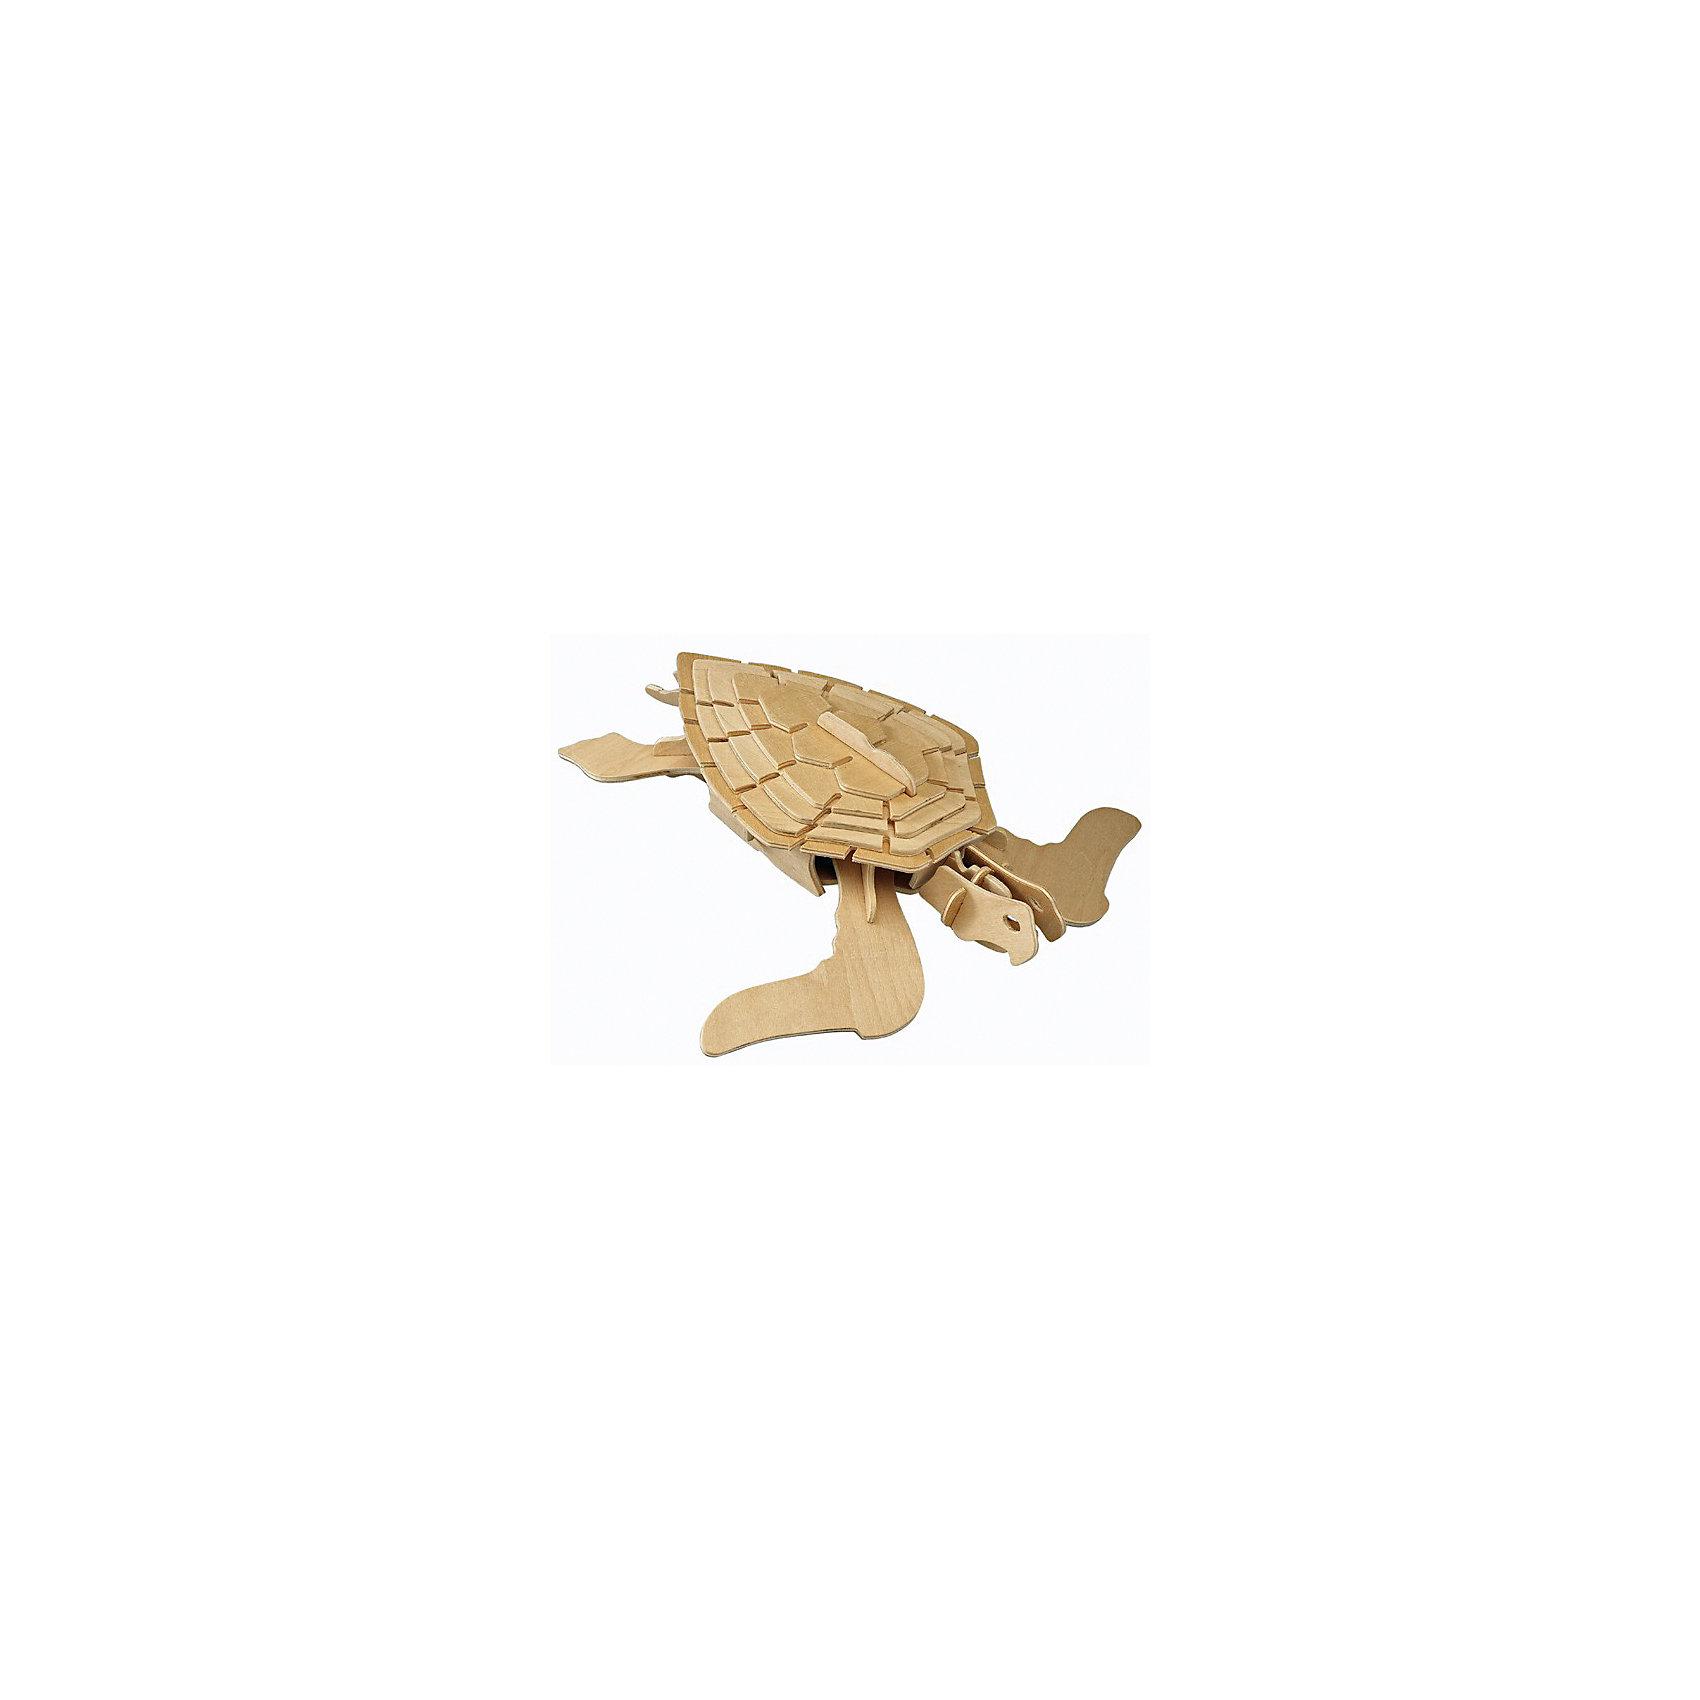 Морская черепаха, Мир деревянных игрушекДеревянные модели<br>Развивать свои способности ребенок может, играя! Специально для любящих творчество и интересующихся животным миром были разработаны эти 3D-пазлы. Из них получаются красивые очень реалистичные фигуры, которые могут стать украшением комнаты.<br>Собирая их, ребенок будет учиться соотносить фигуры, развивать пространственное мышление, память и мелкую моторику. А раскрашивая готовое произведение, дети научатся подбирать цвета и будут развивать художественные навыки. Этот набор произведен из качественных и безопасных для детей материалов.<br><br>Дополнительная информация:<br><br>материал: дерево;<br>элементы: четыре пластины с деталями для сборки;<br>размер пластины: 23 х 18 х 1 см.<br><br>3D-пазл Морская черепаха от бренда Мир деревянных игрушек можно купить в нашем магазине.<br><br>Ширина мм: 350<br>Глубина мм: 30<br>Высота мм: 225<br>Вес г: 400<br>Возраст от месяцев: 36<br>Возраст до месяцев: 144<br>Пол: Унисекс<br>Возраст: Детский<br>SKU: 4969006